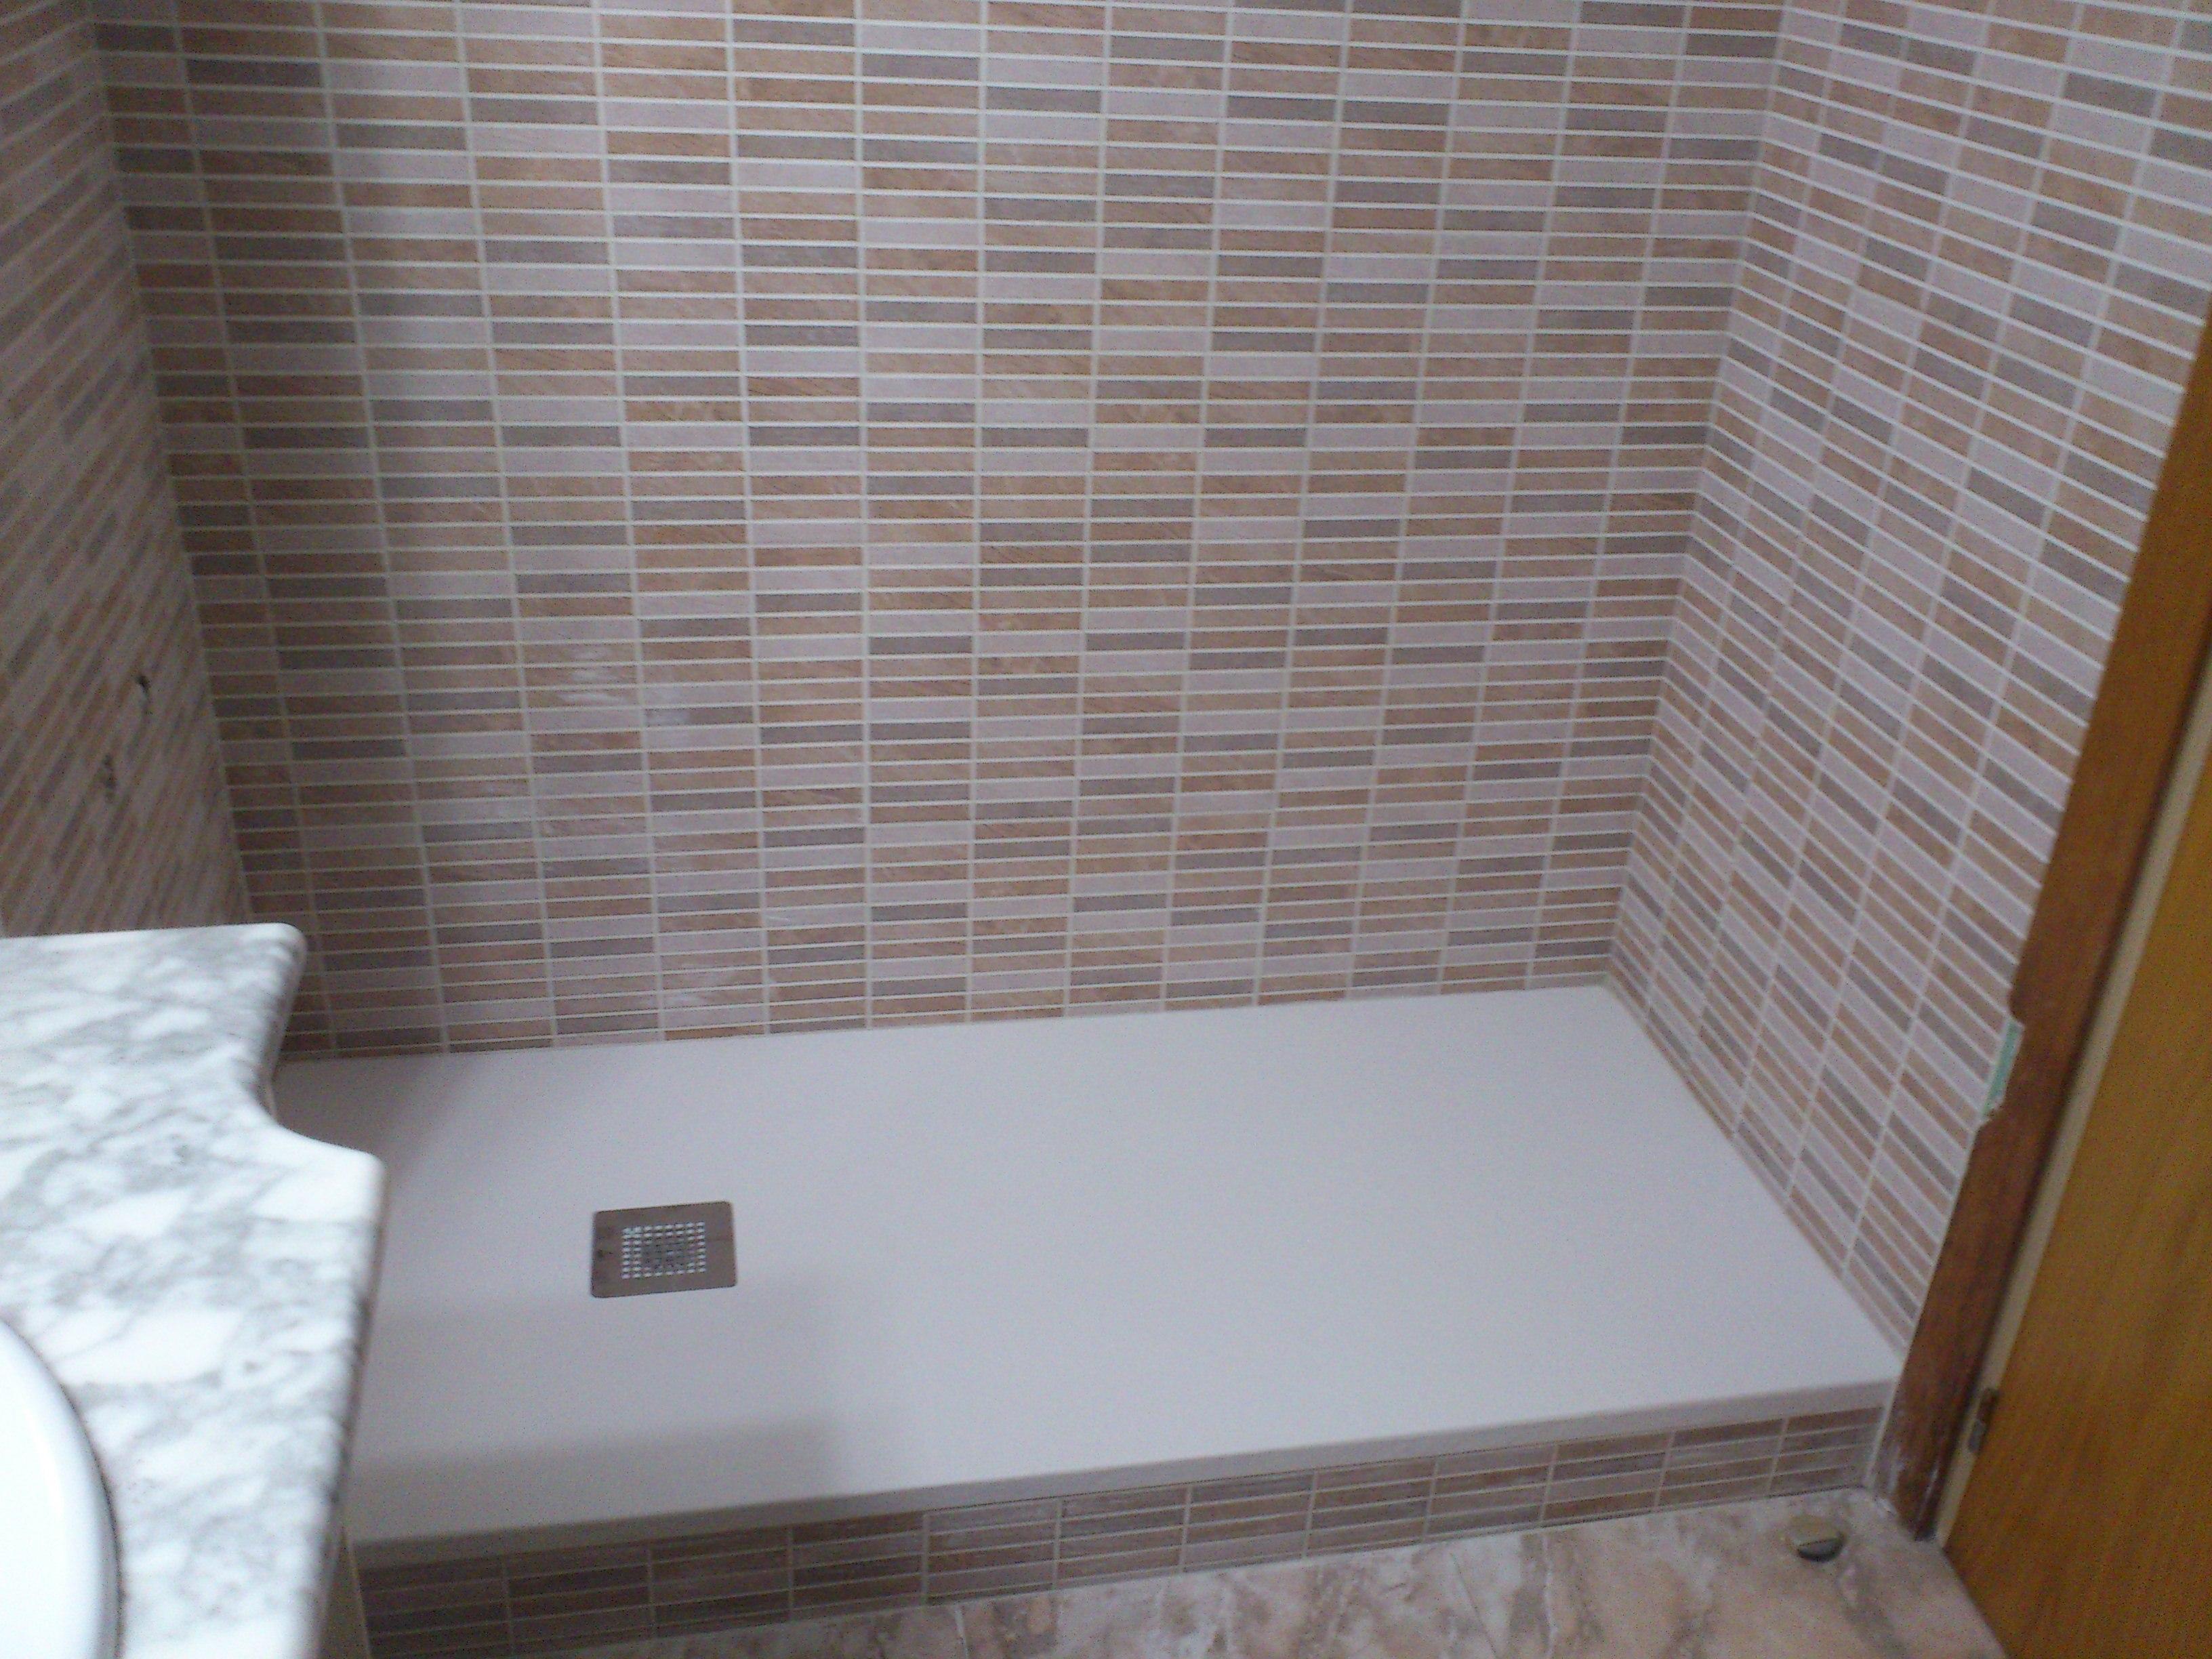 Reforma ba era por ducha mamparas de ba era y ducha - Sustituir banera por plato ducha ...